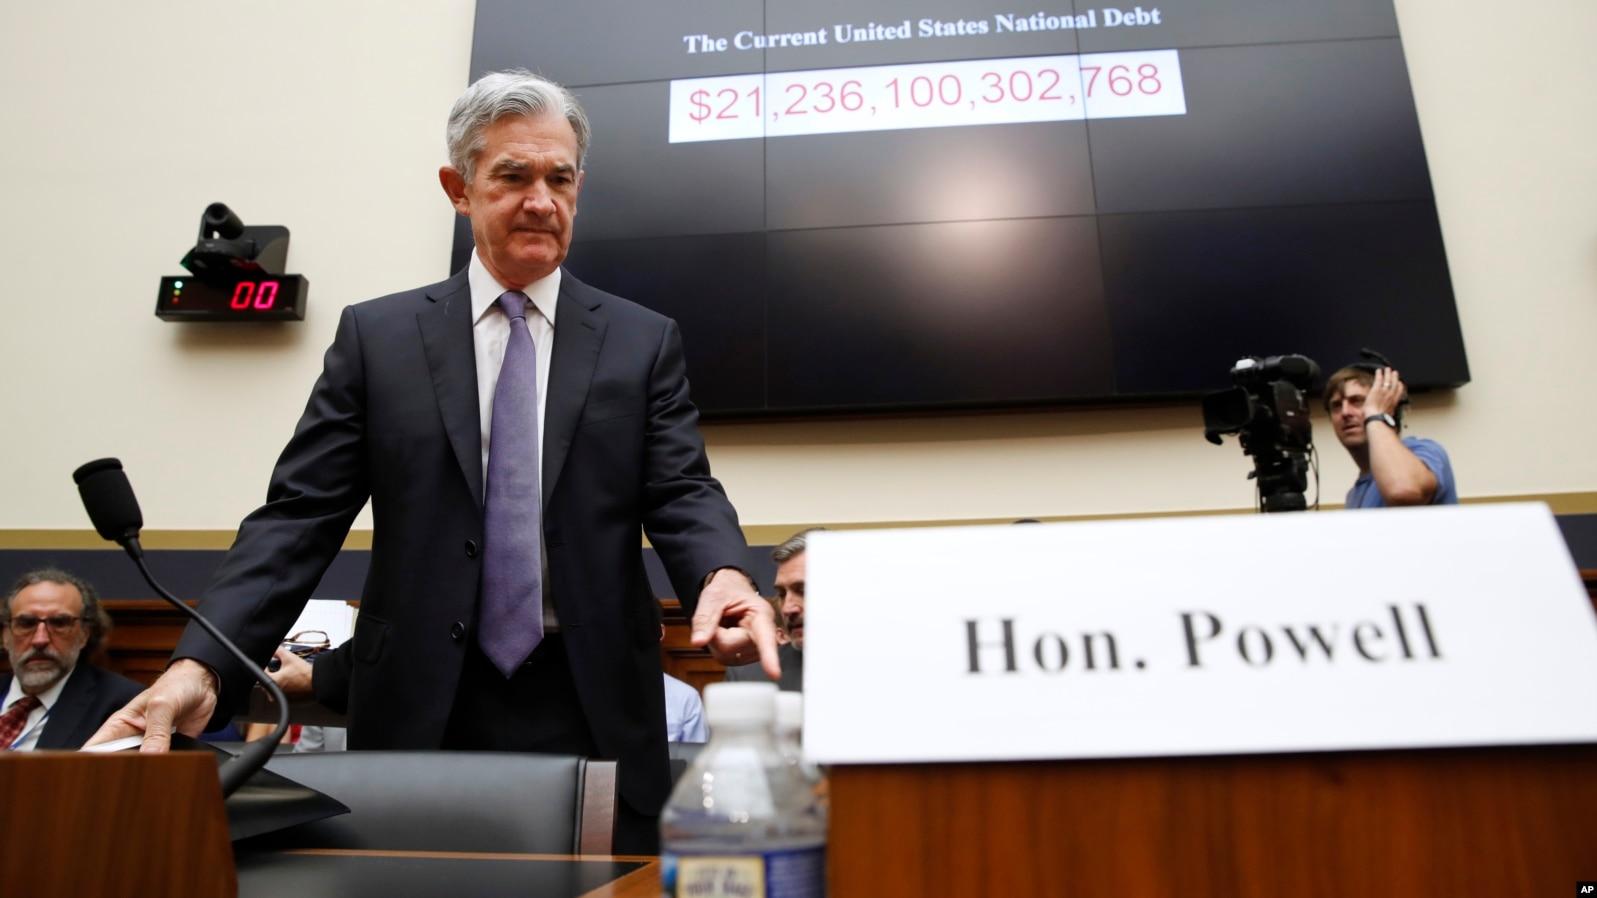 ФРС продолжит политику повышения ставок вопреки призывам президента Трампа